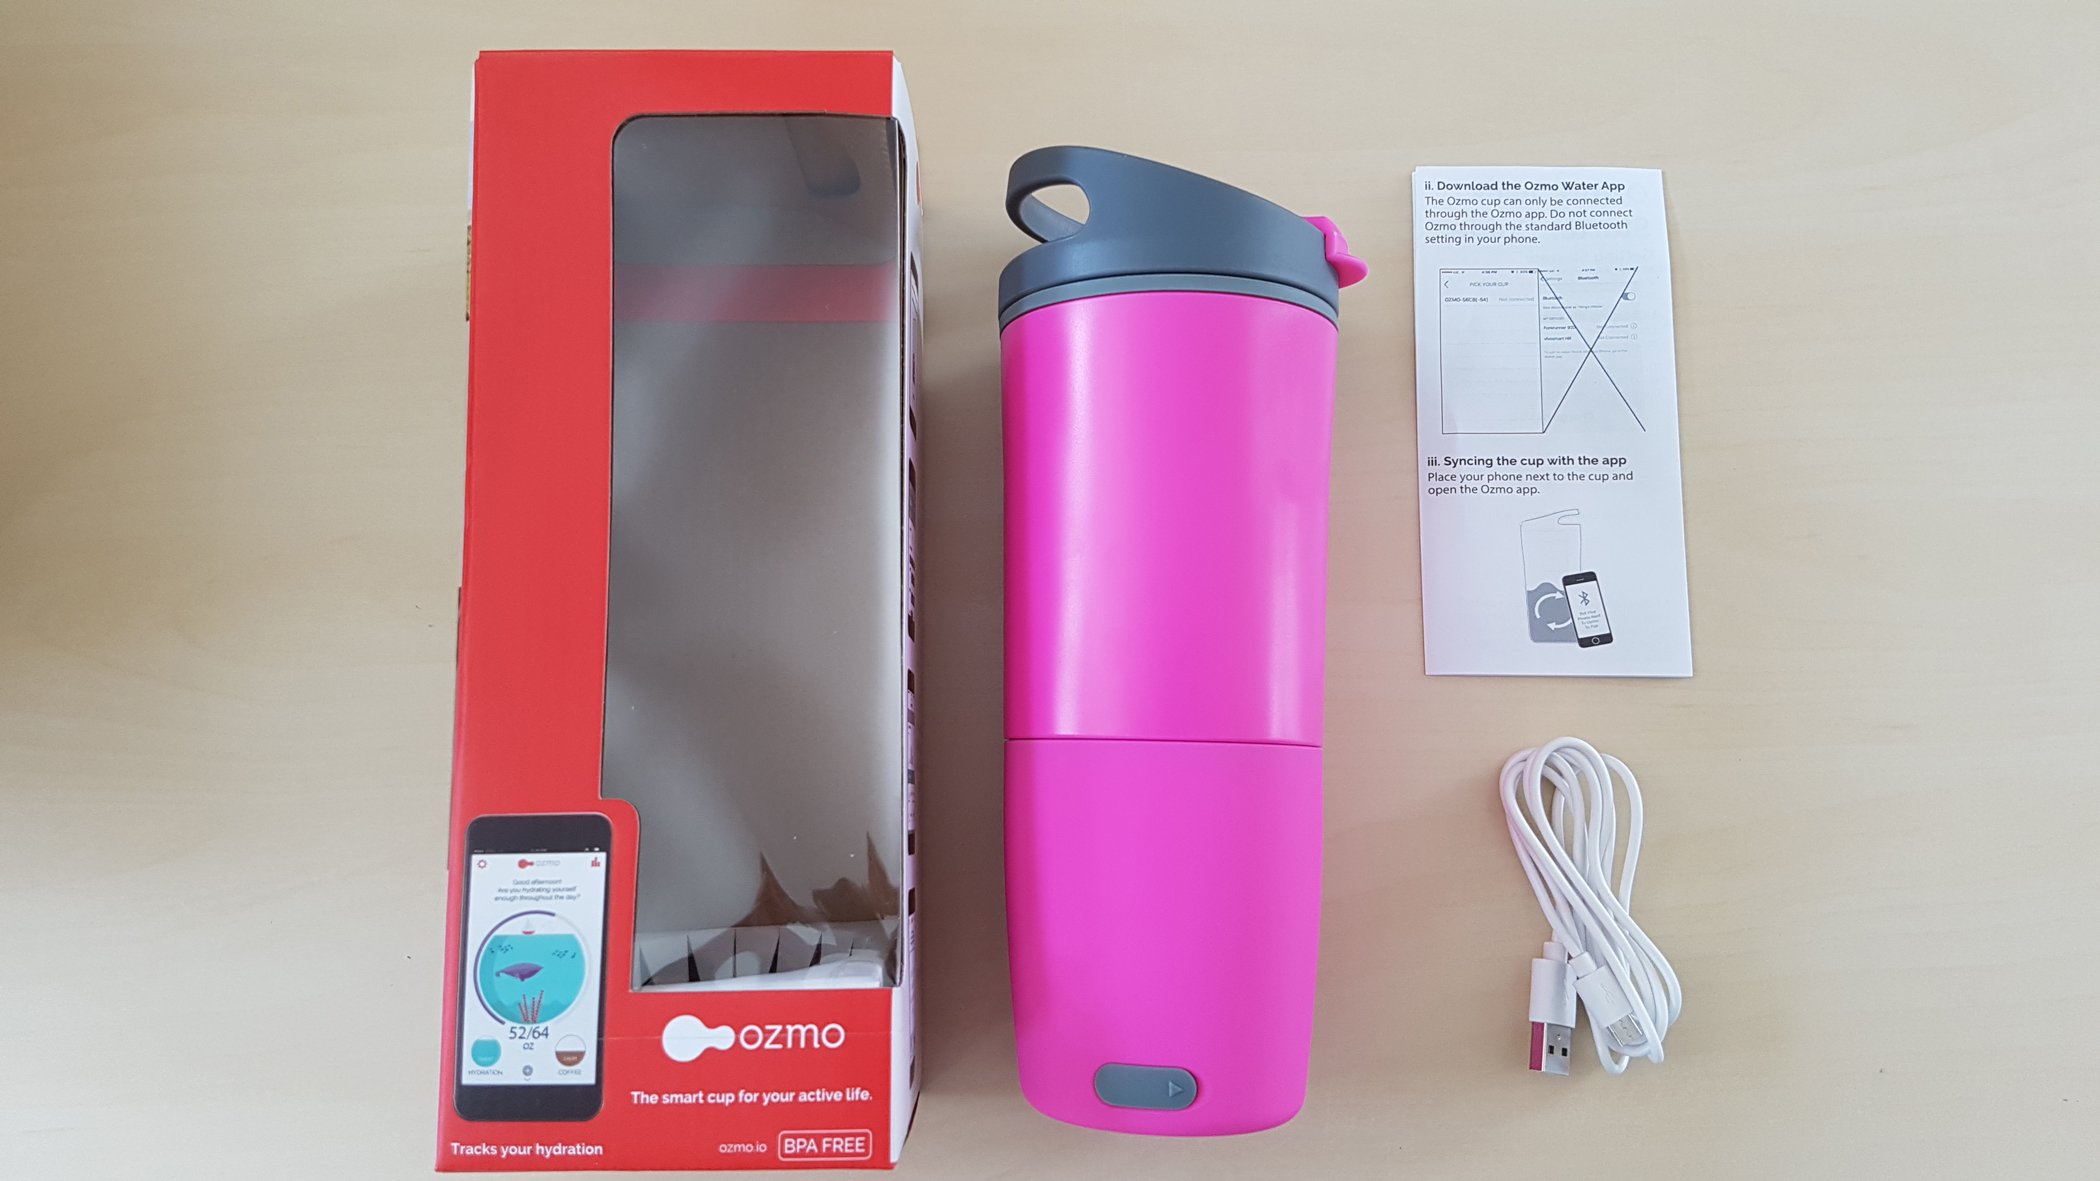 La bouteille Ozmo Smart Cup et son emballage.